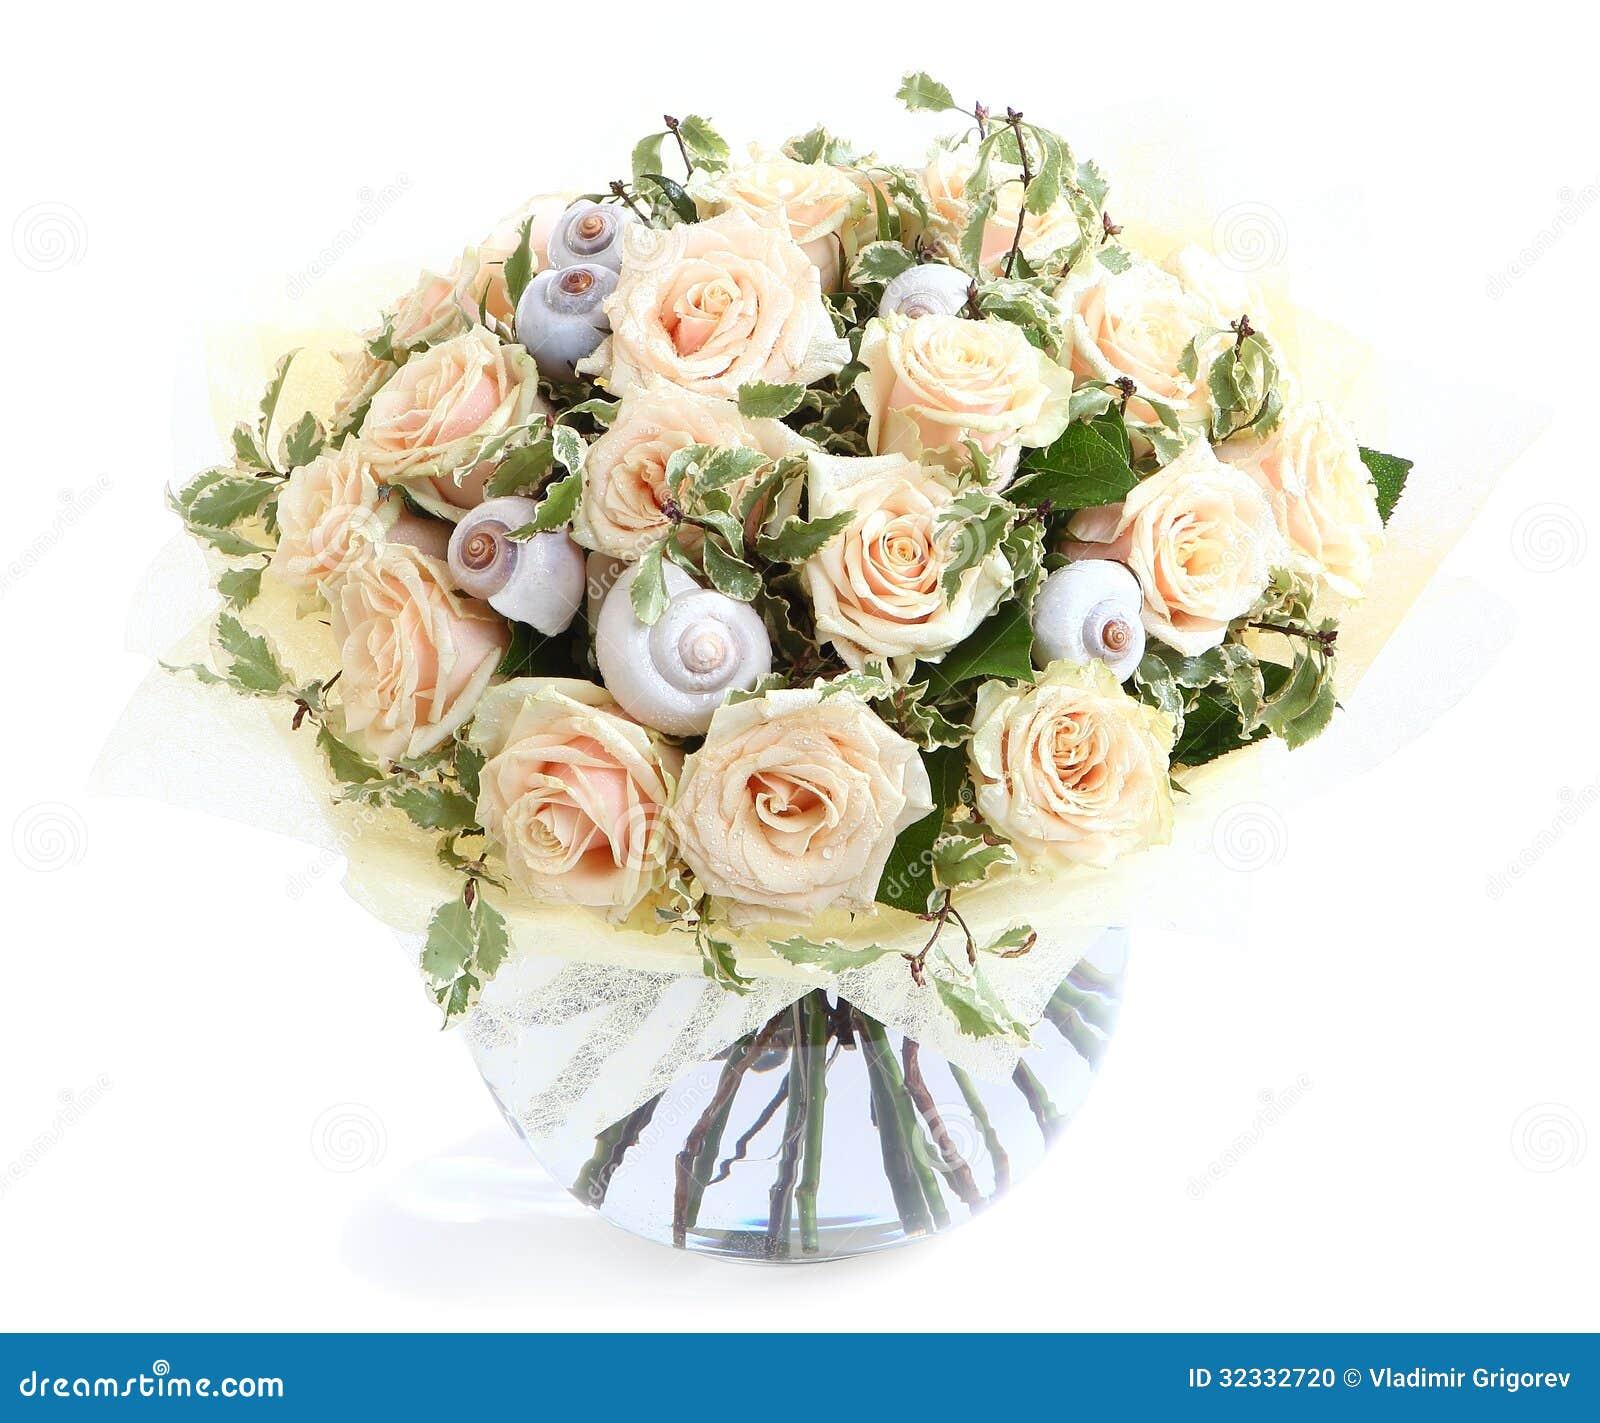 Composition florale avec les roses et les coquillages cr mes un vase en verre transparent d - Composition florale vase en verre ...